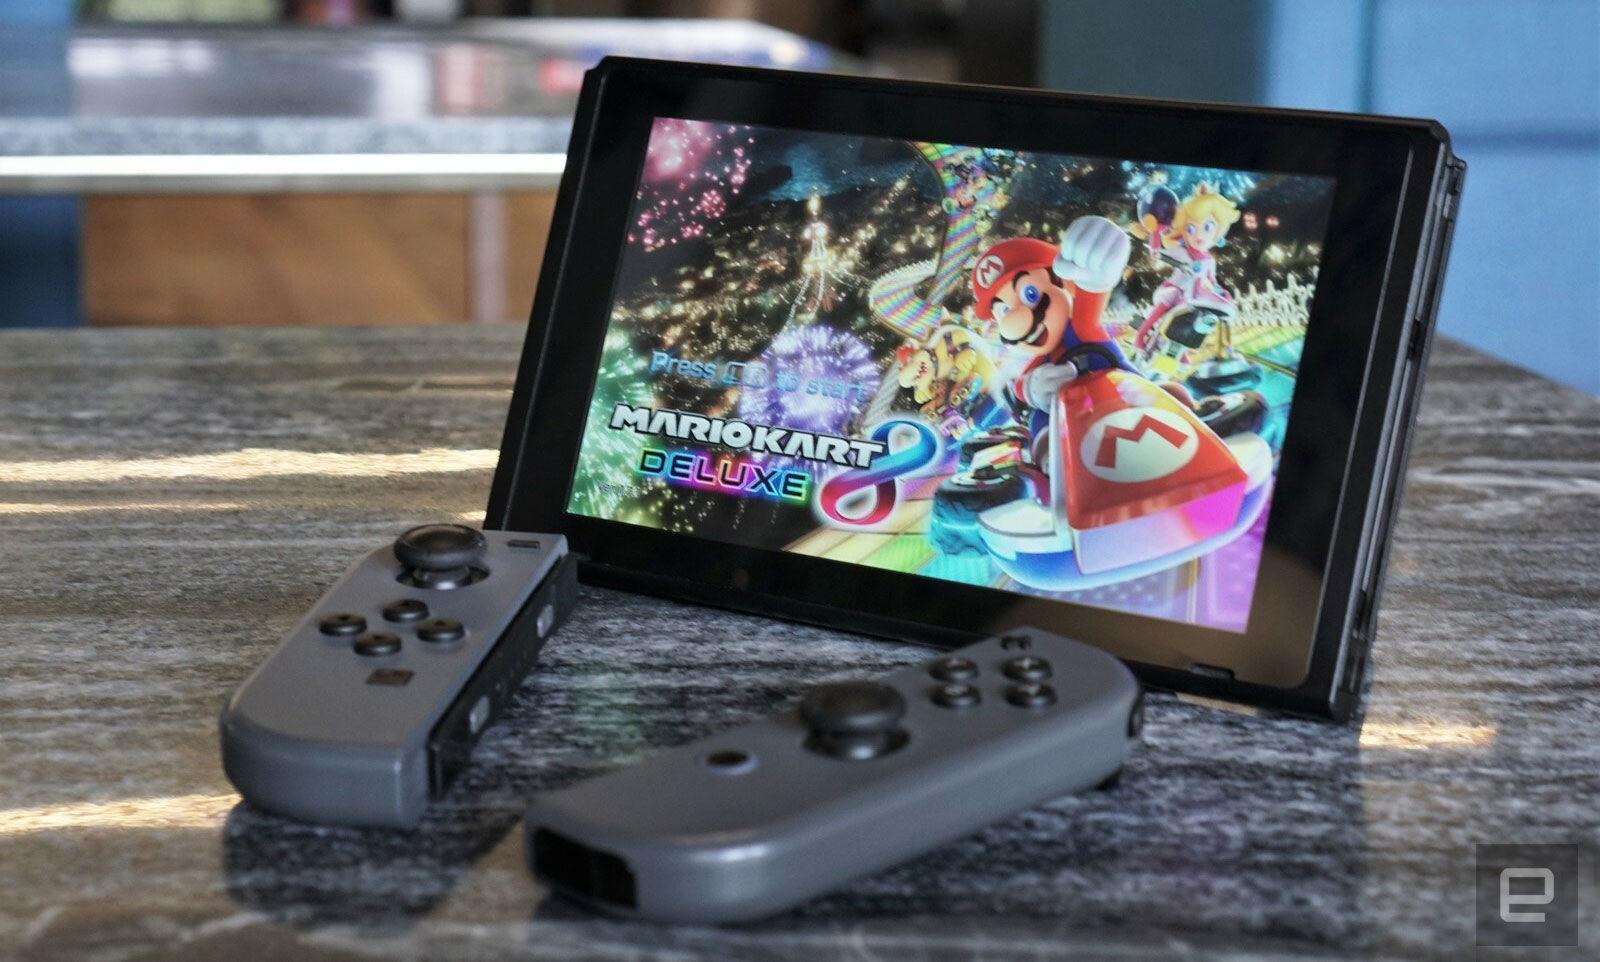 【朗報】任天堂、自社スマートフォン発売を検討中?「Nintendo Switchと統合できる」デバイスのうわさ